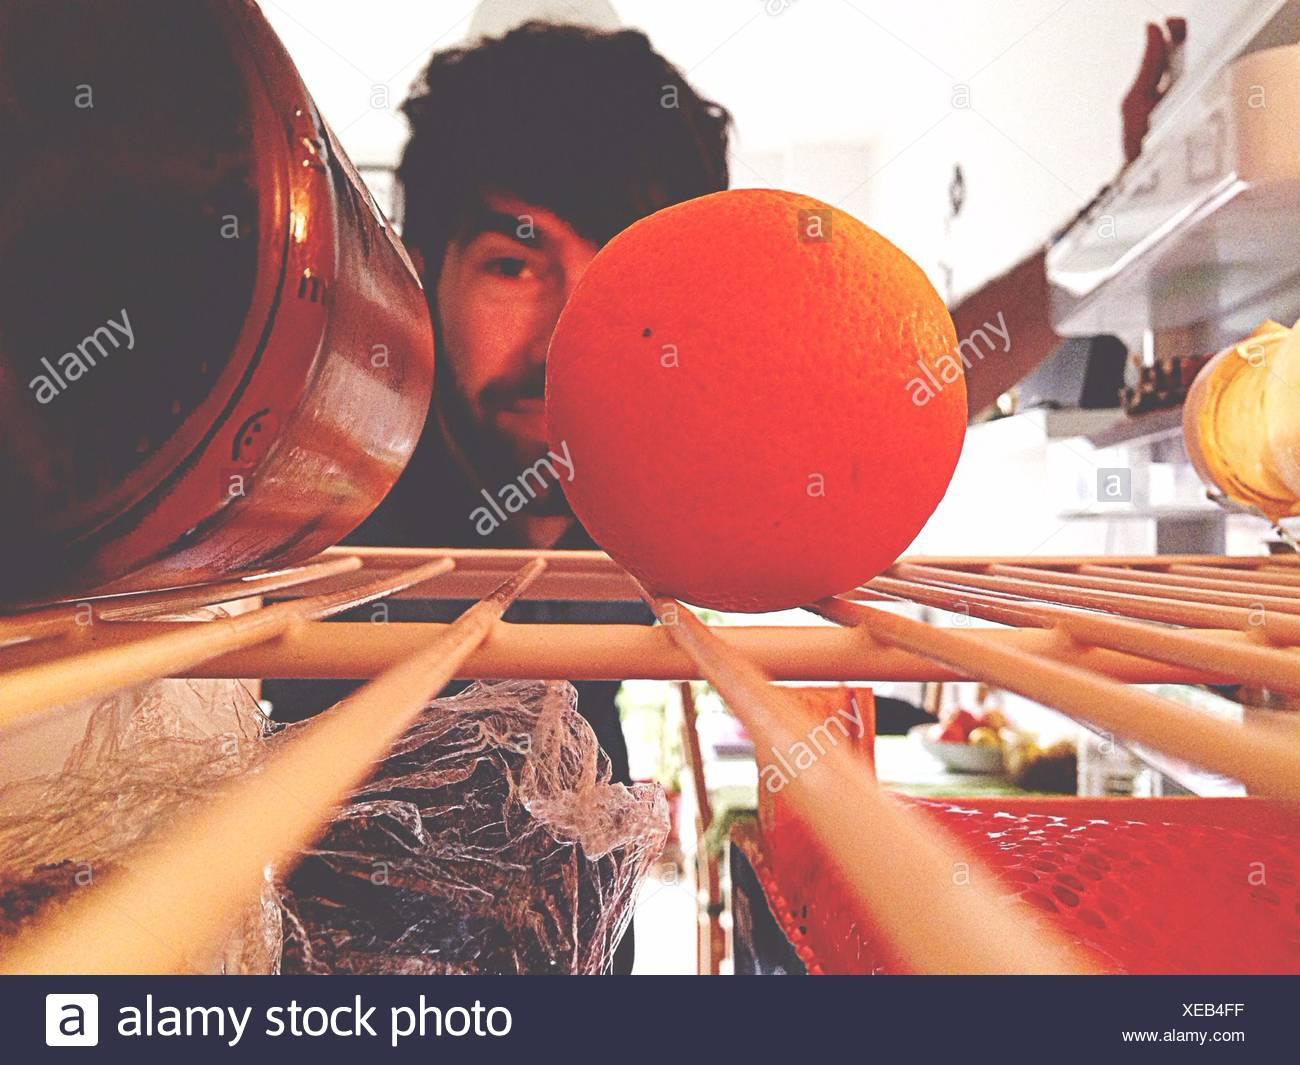 Mitad hombre adulto buscar algo en el refrigerador Imagen De Stock